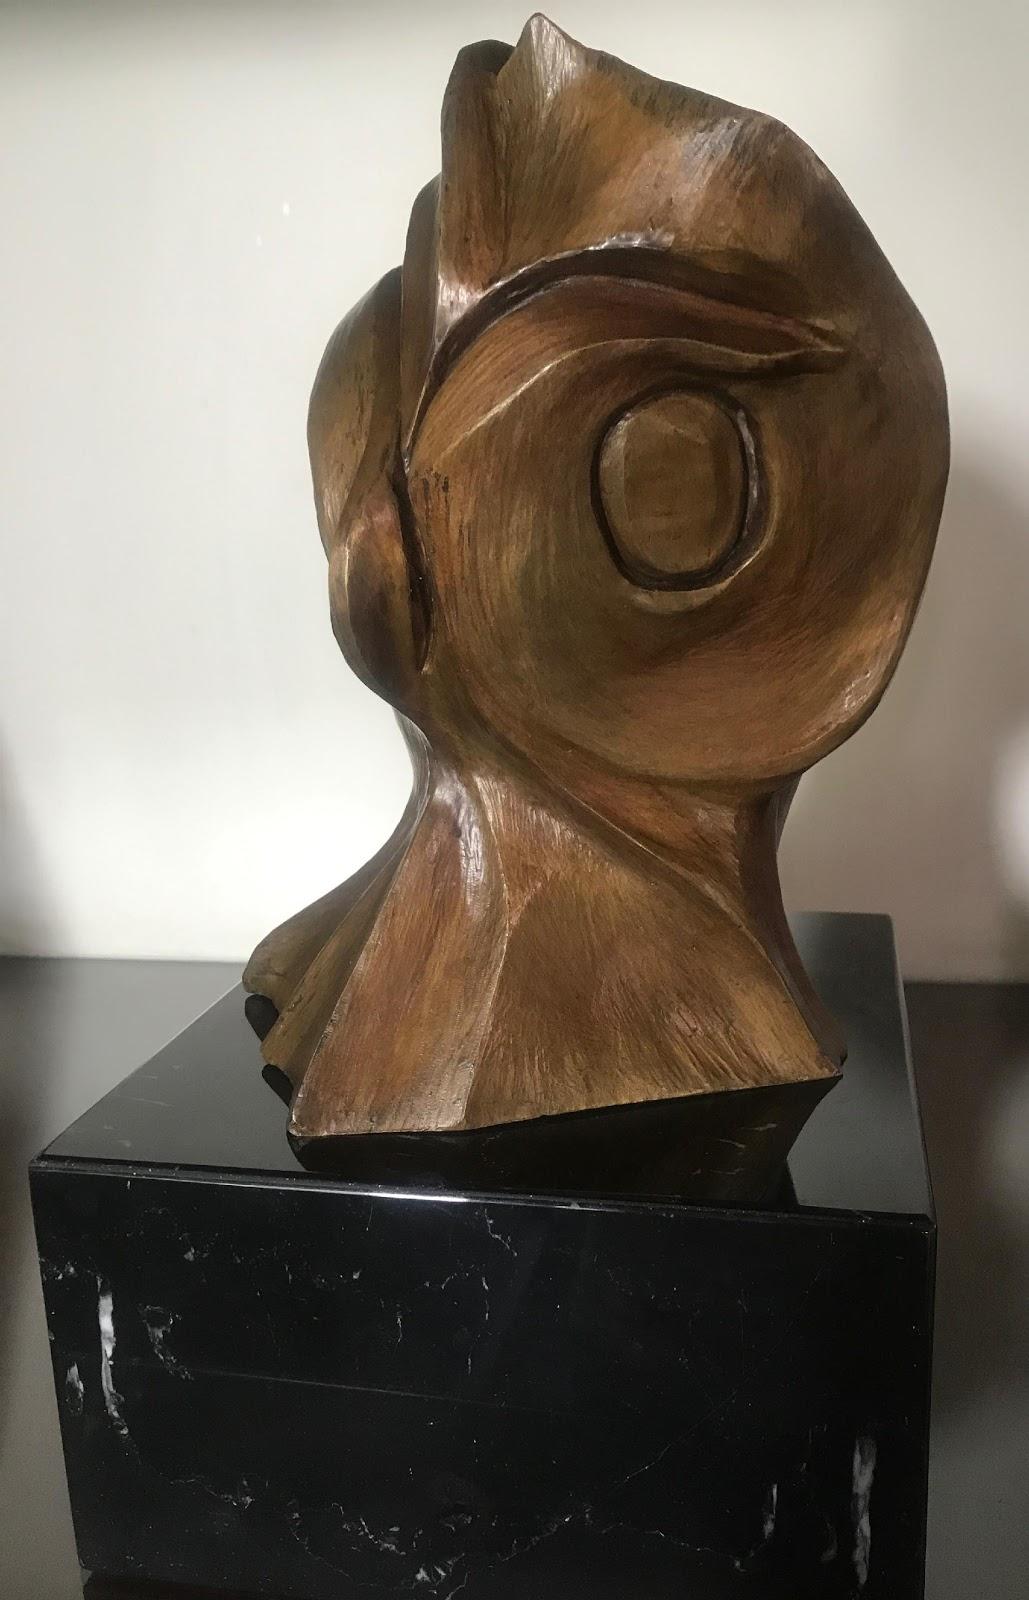 Mi buho - Escultura, Nour Kuri